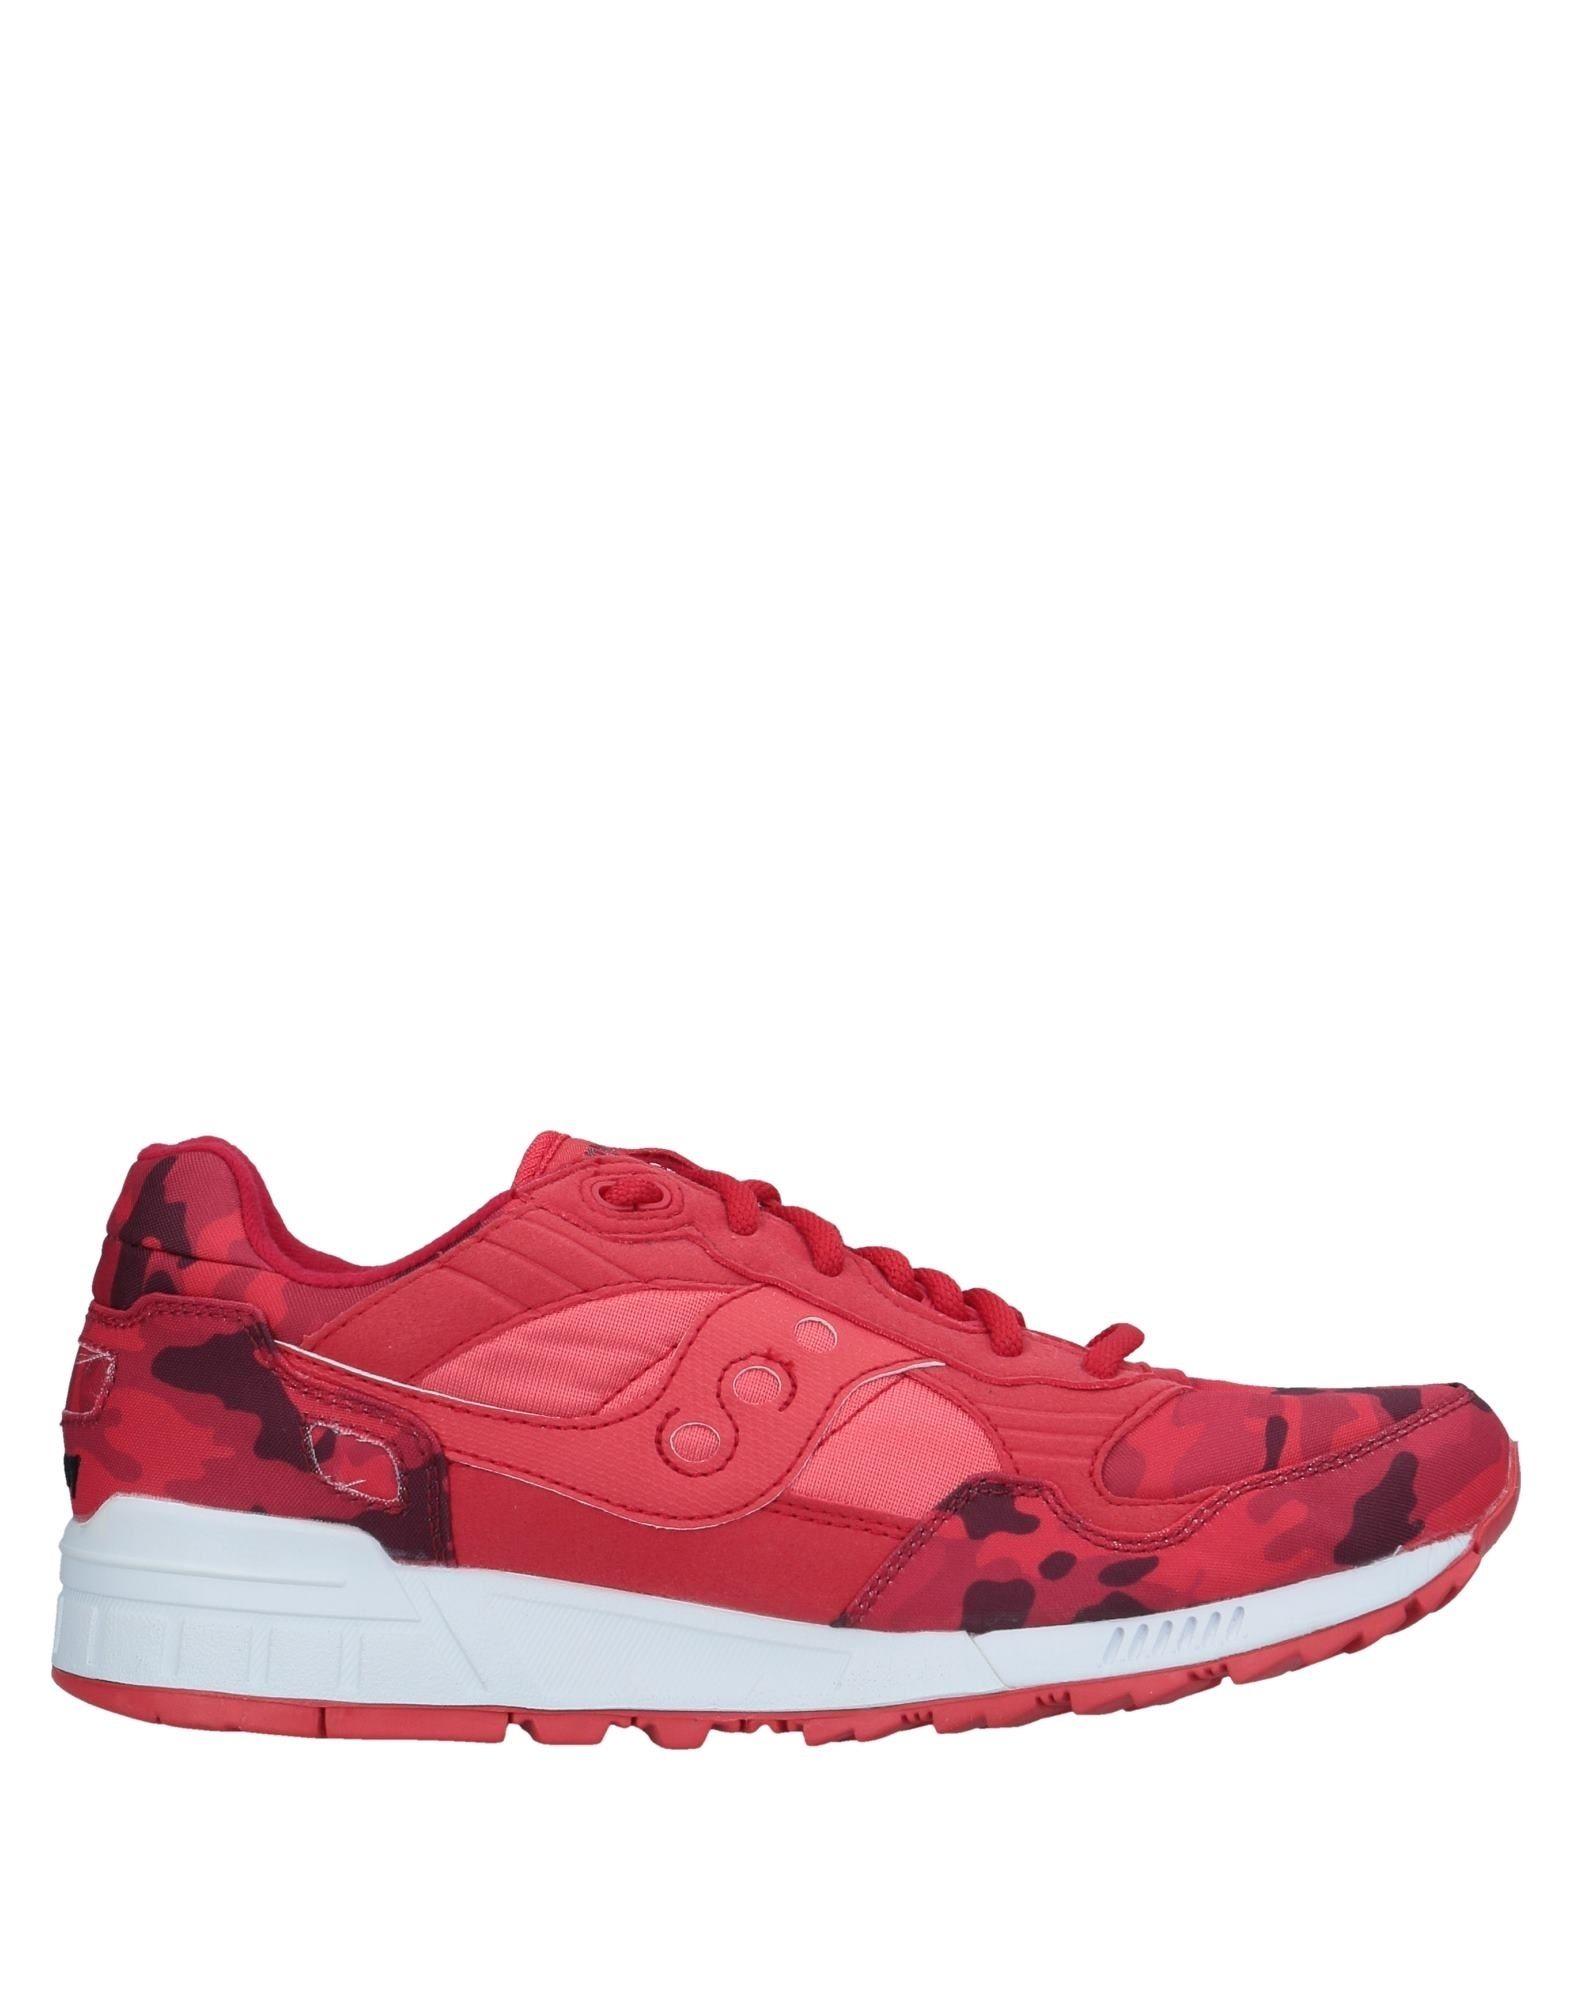 Rabatt echte Schuhe Saucony Sneakers Herren  11500683LV